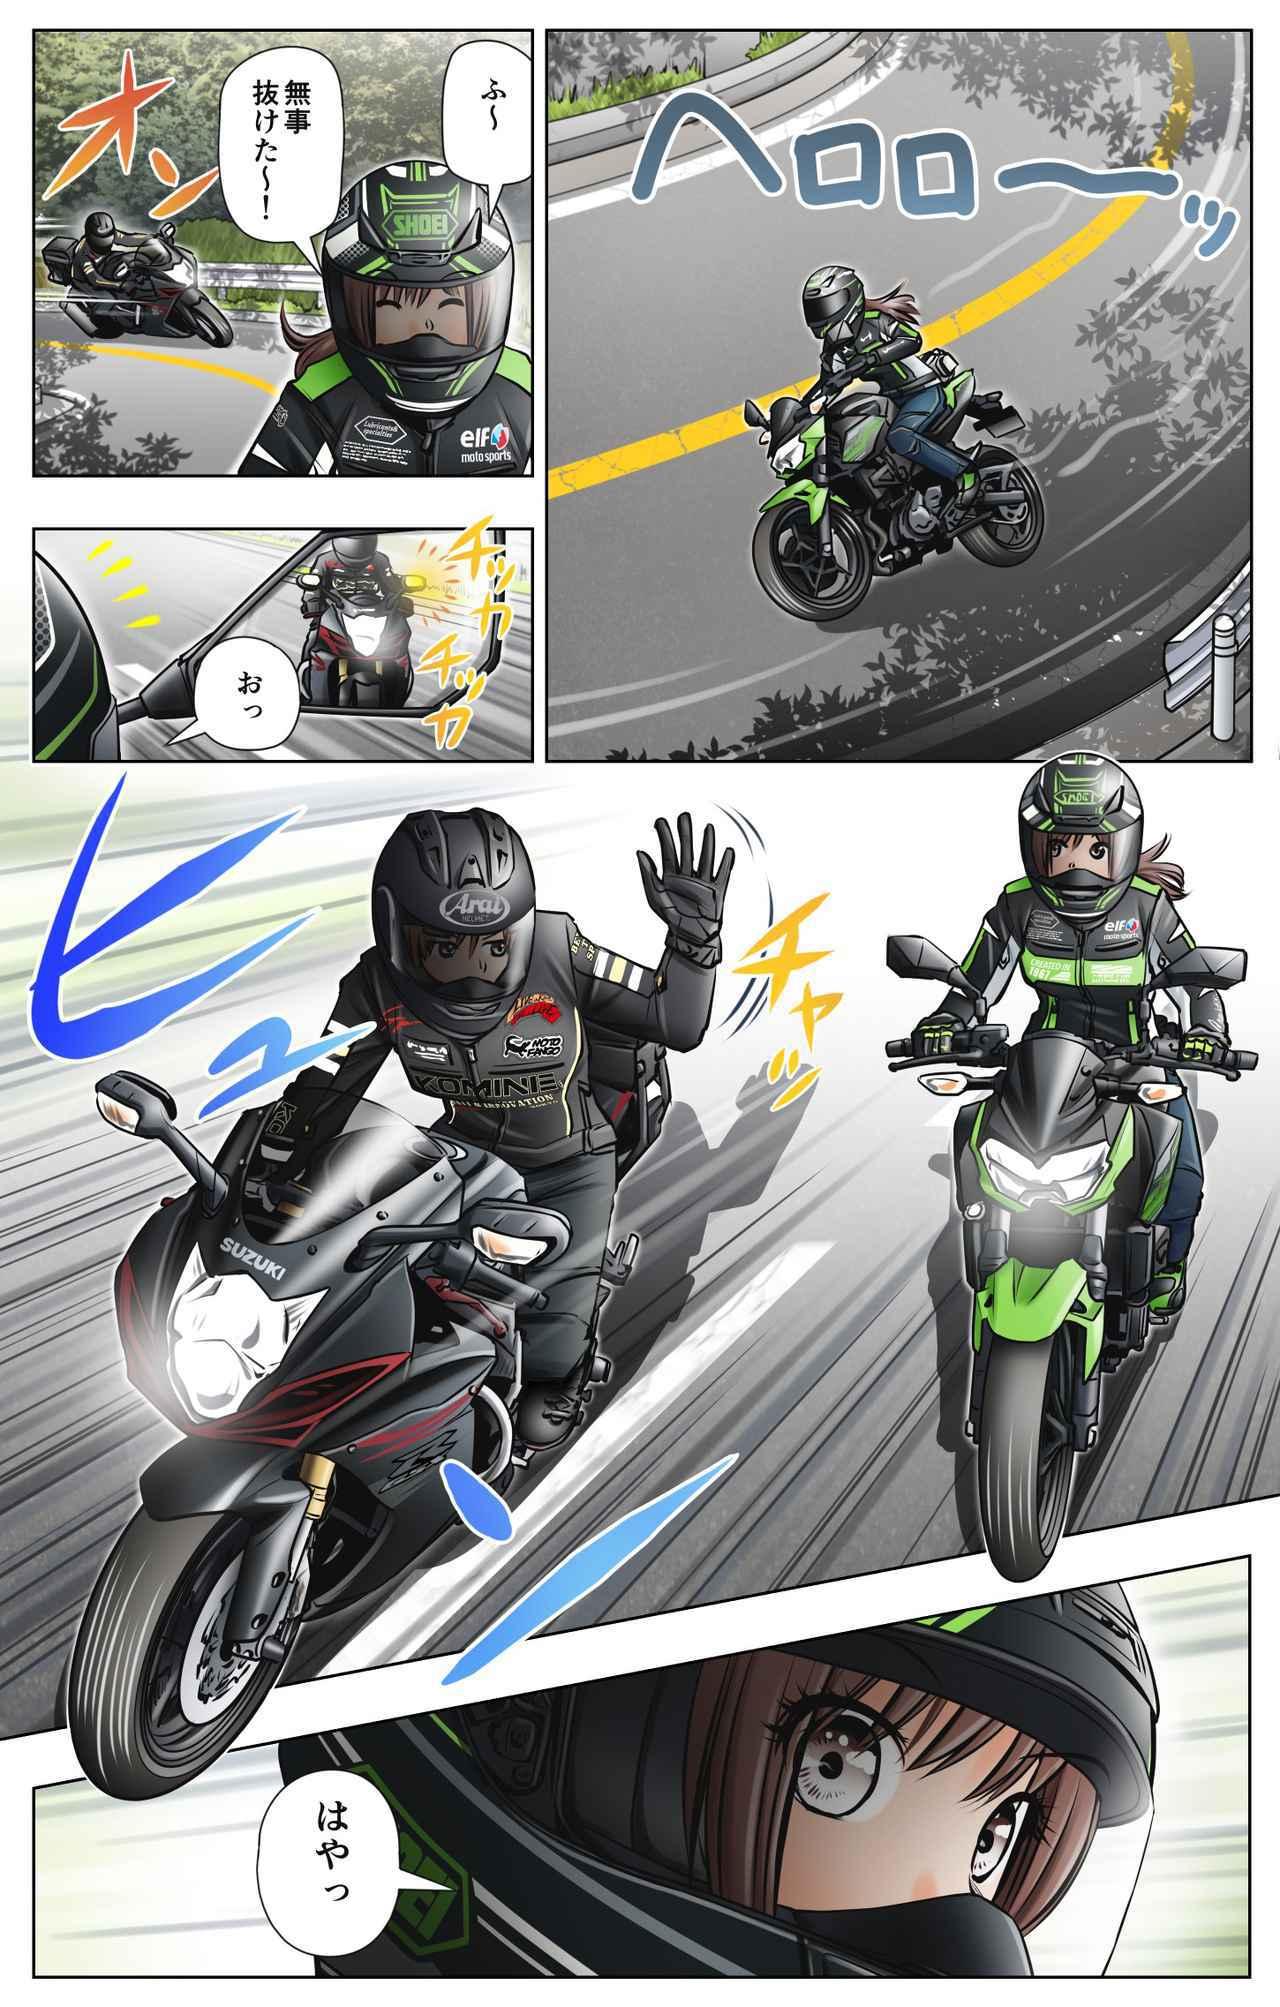 画像2: 第4話 バイクが傾いて曲がる理由/ゆる~くライテク談義『モトシーカーズ・カフェへようこそ!』